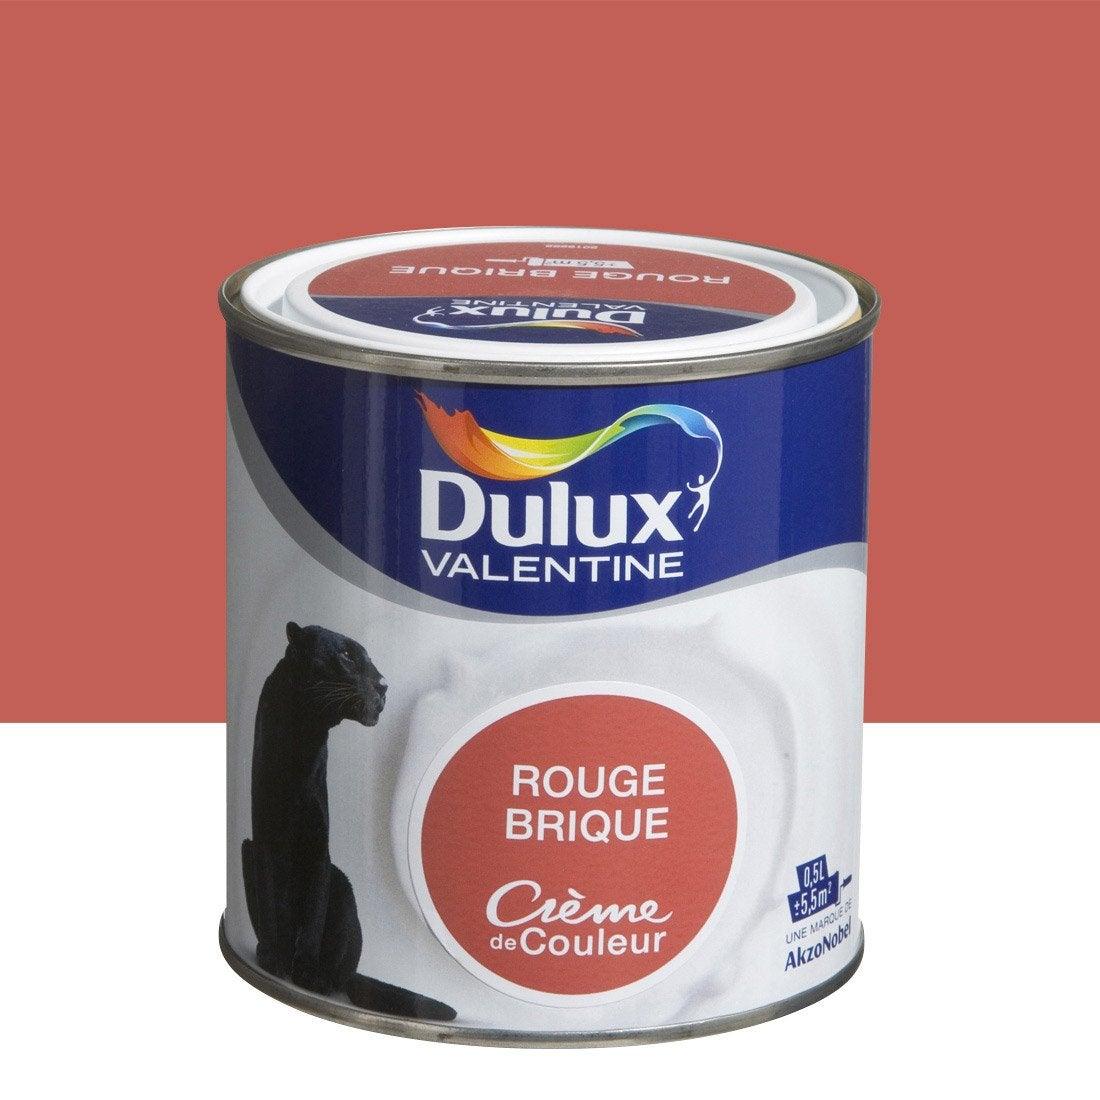 leroymerlin.fr/multimedia/481400522814/produits/peinture-multisupports-creme-de-couleur-dulux-valentine-rouge-brique-0-5-l